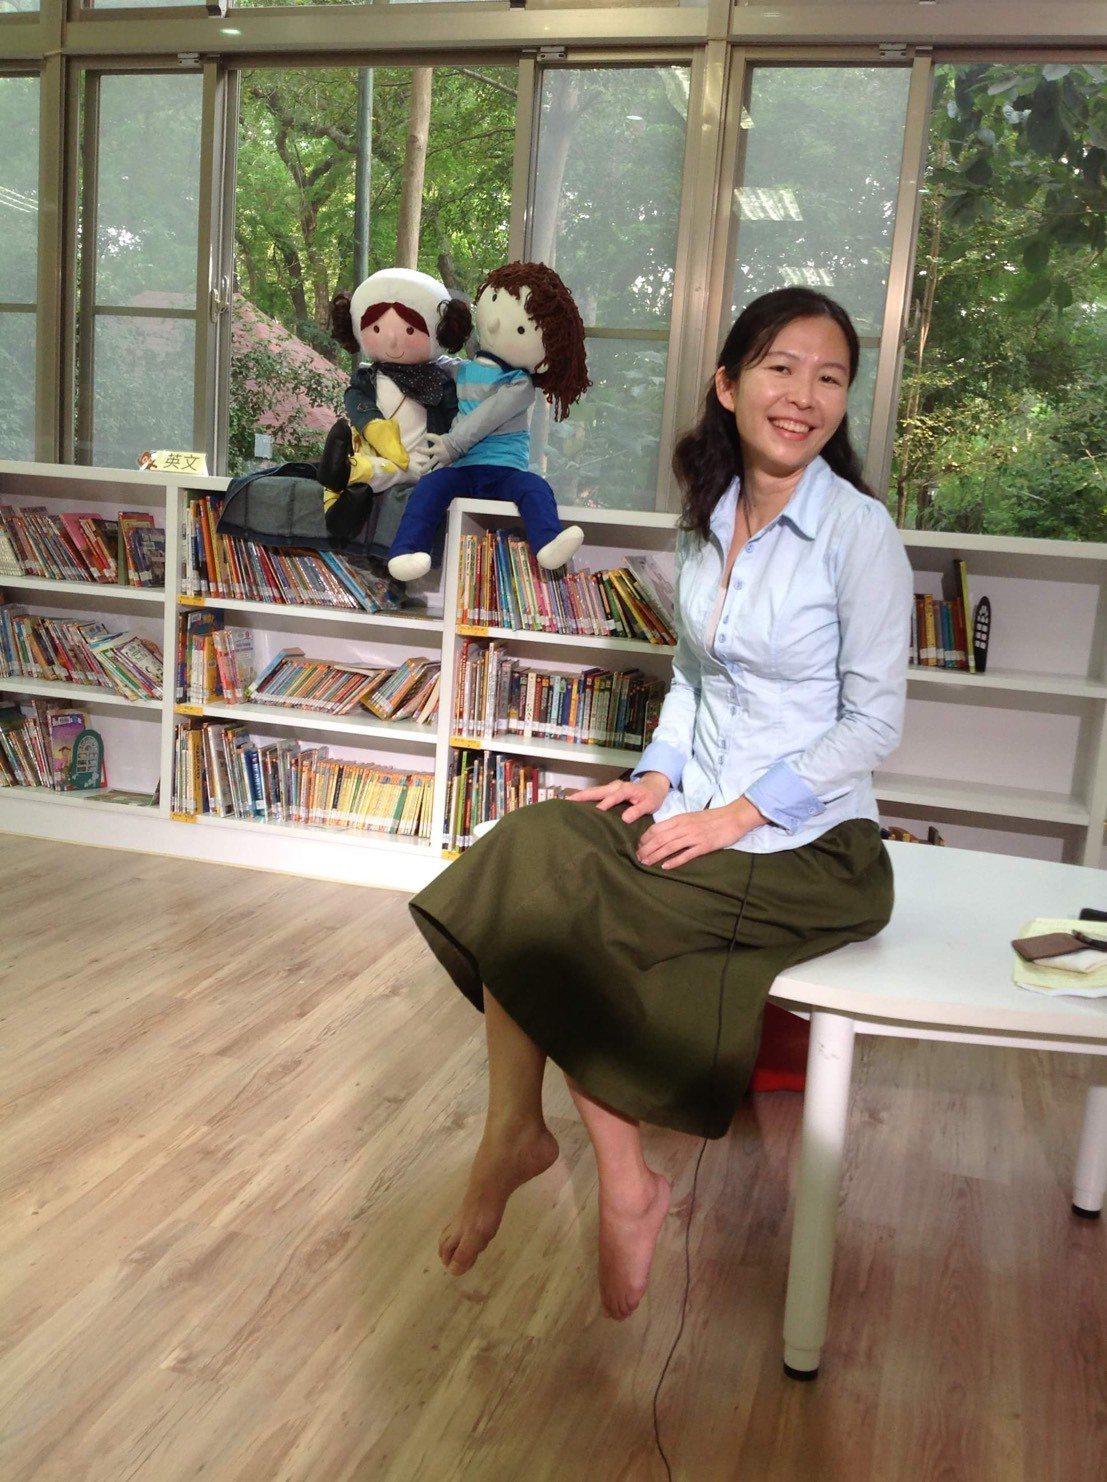 幸佳慧女士創作無數,長期以行動、論述關注台灣社會議題。圖/文化部提供